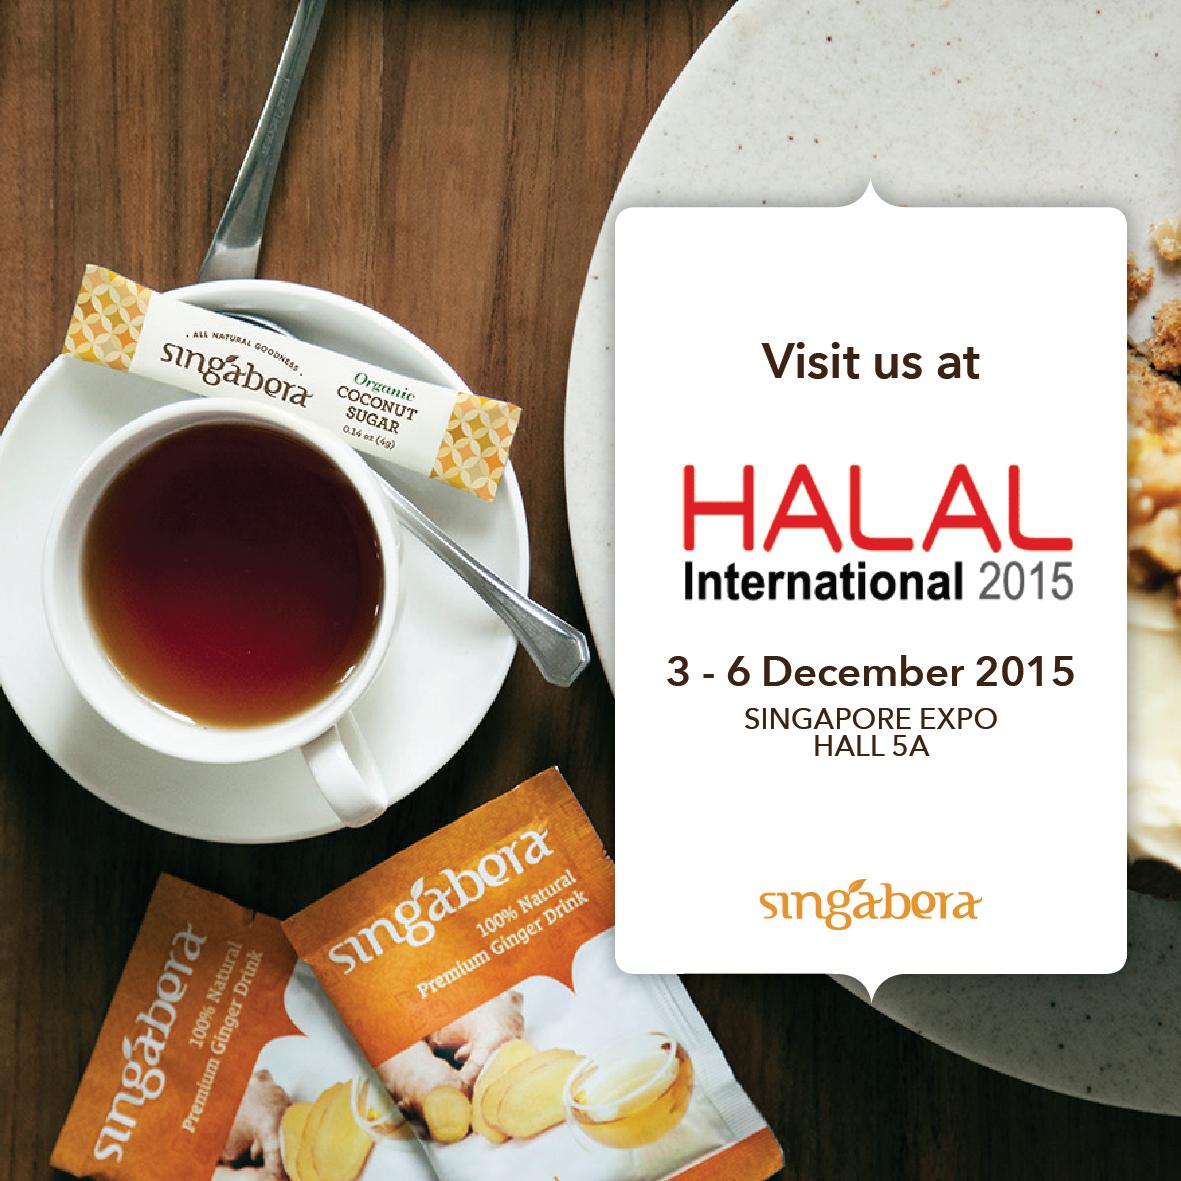 coconut-sugar-halal